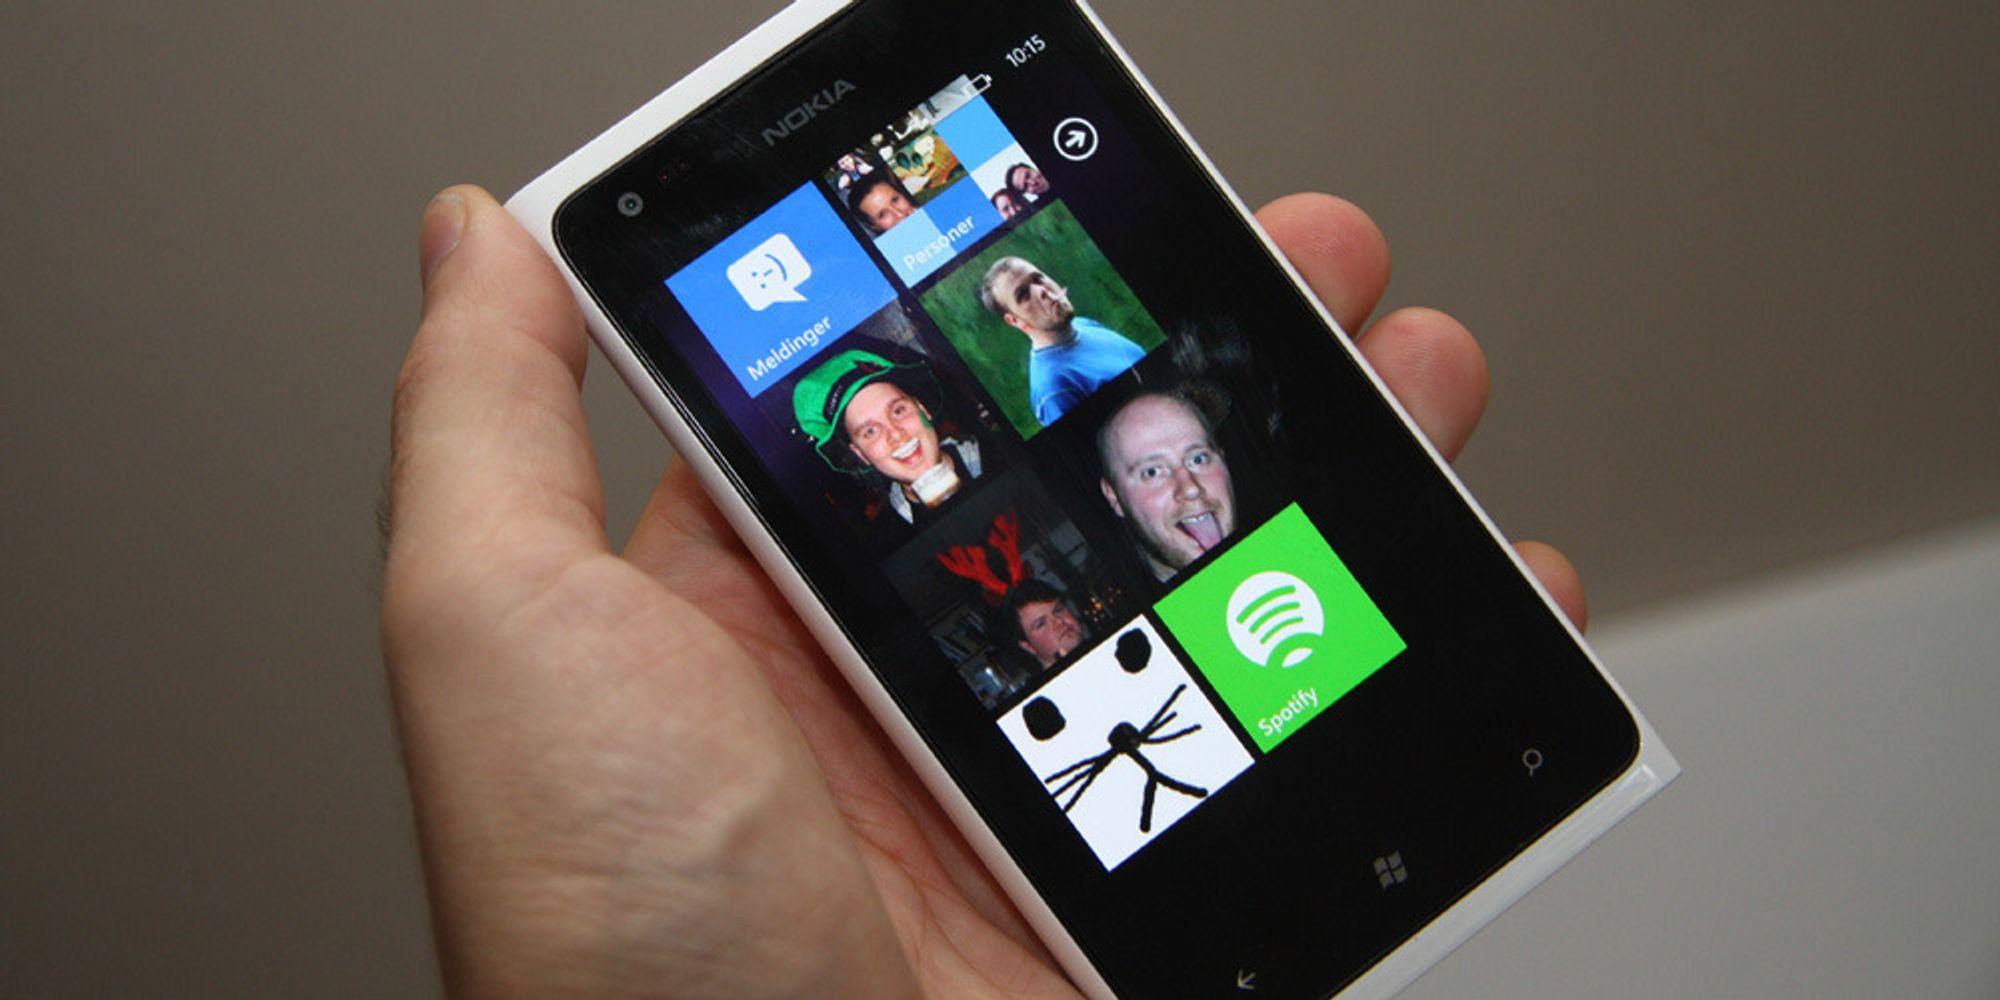 Test: Nokia Lumia 900